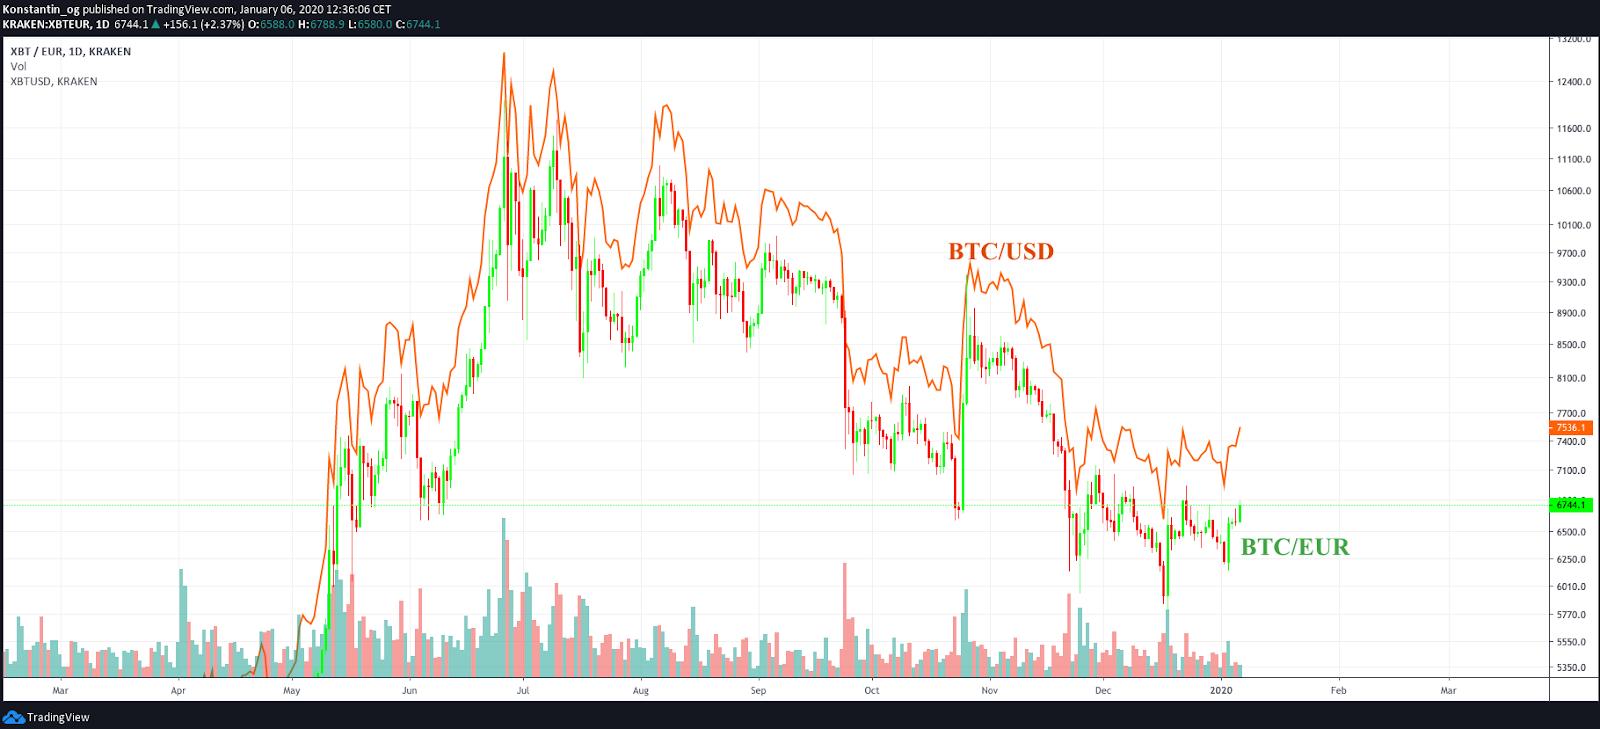 Warum schaut man auf den Dollar Kurs bei Bitcoin und nicht auf Bitcoin in EUR?